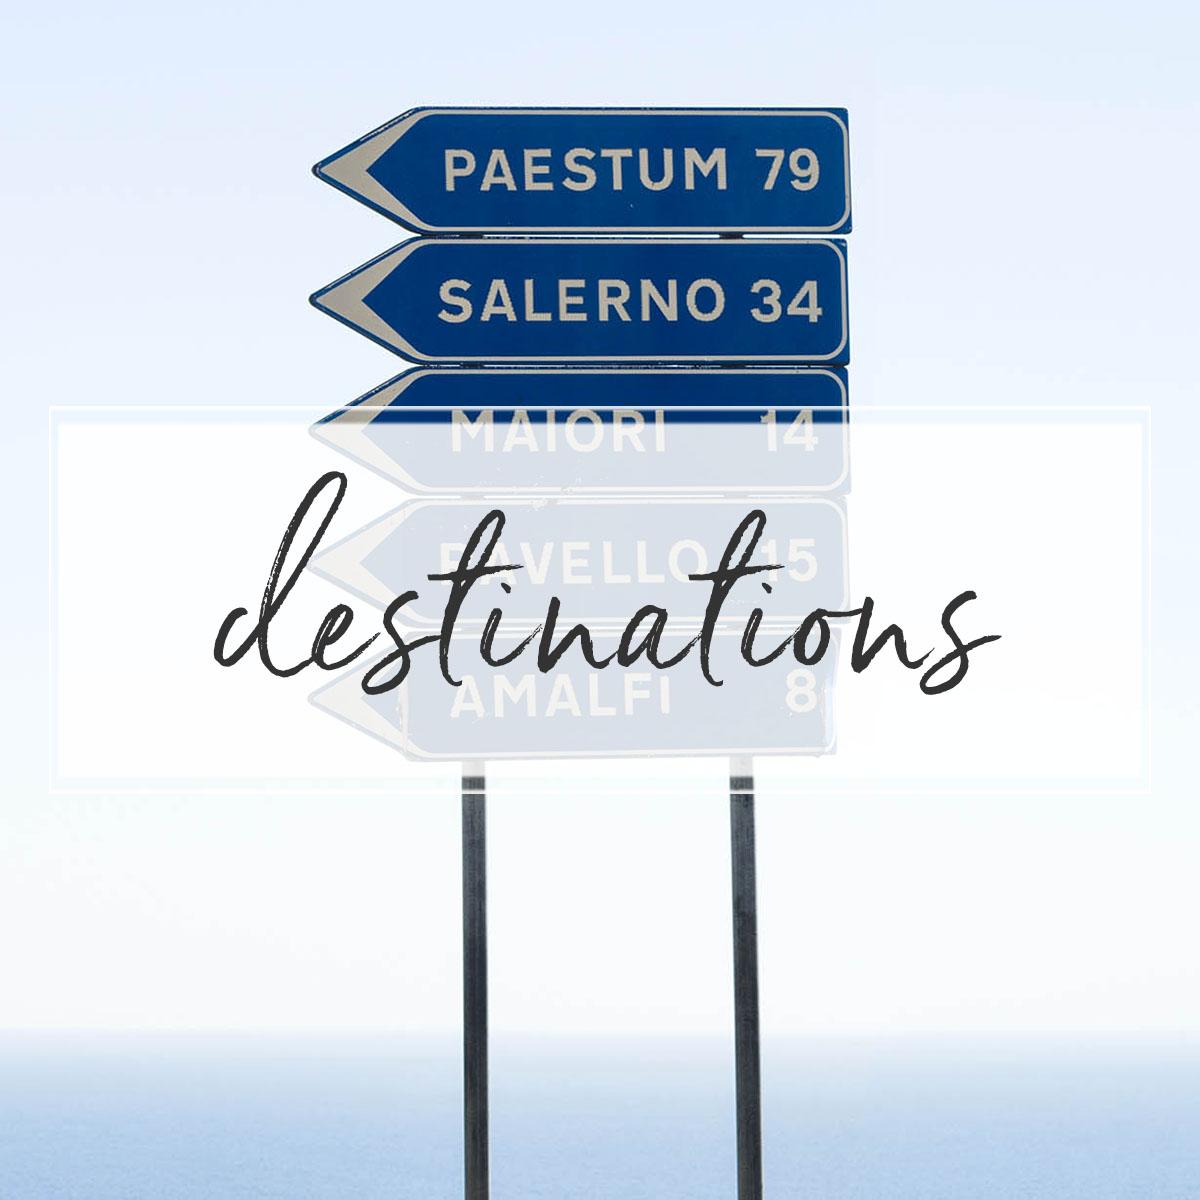 destinations-header-social.jpg